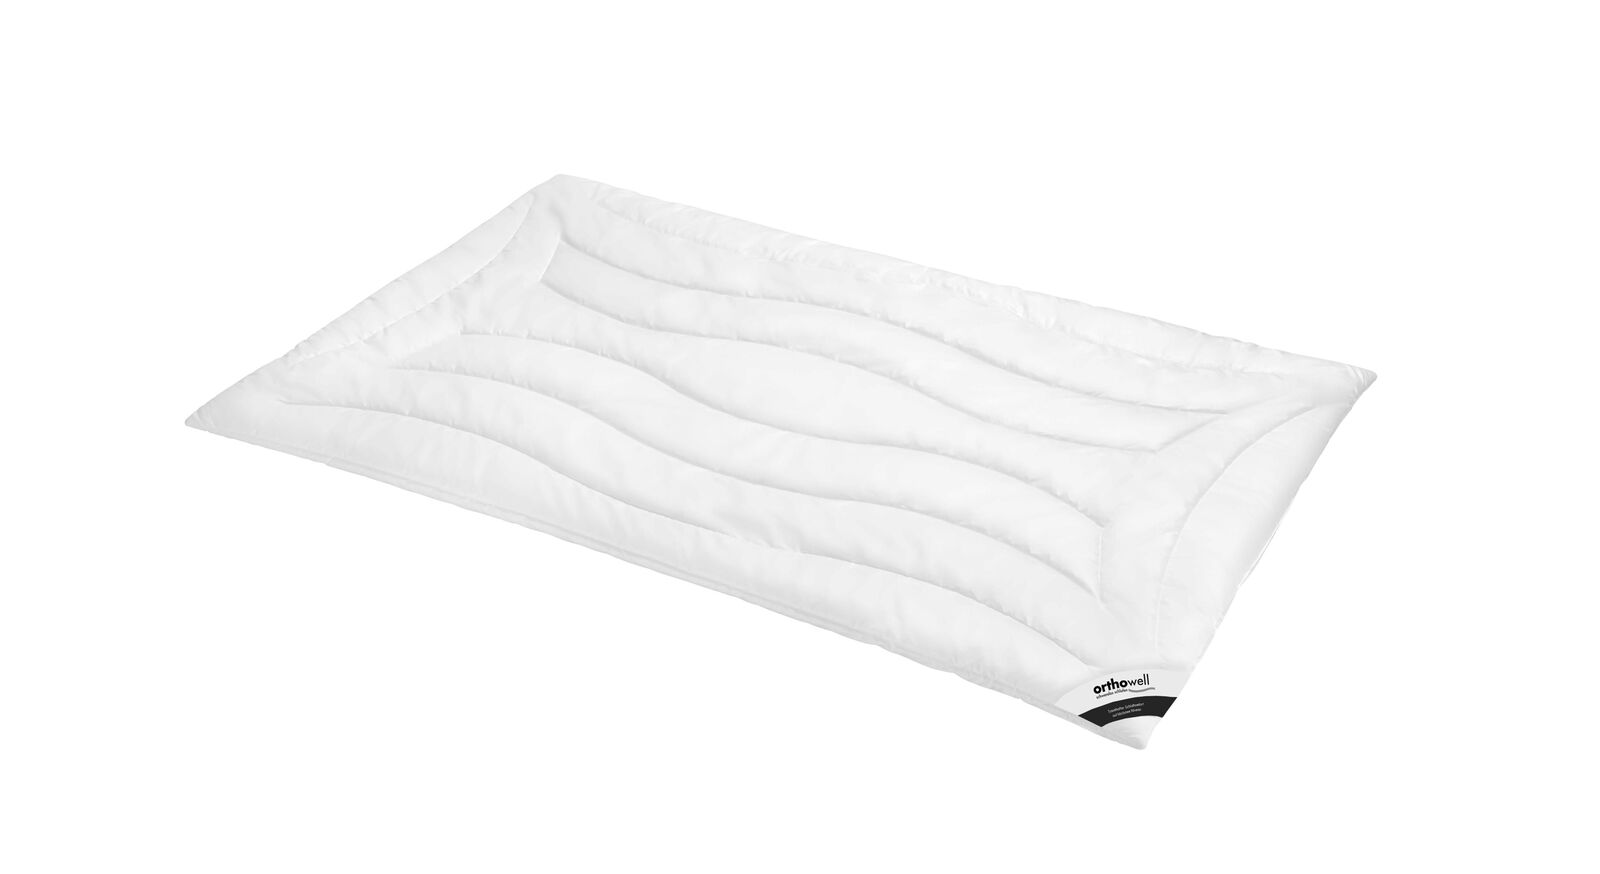 Markenfaser-Bettdecke orthowell Superior warm mit Baumwoll-Bezug